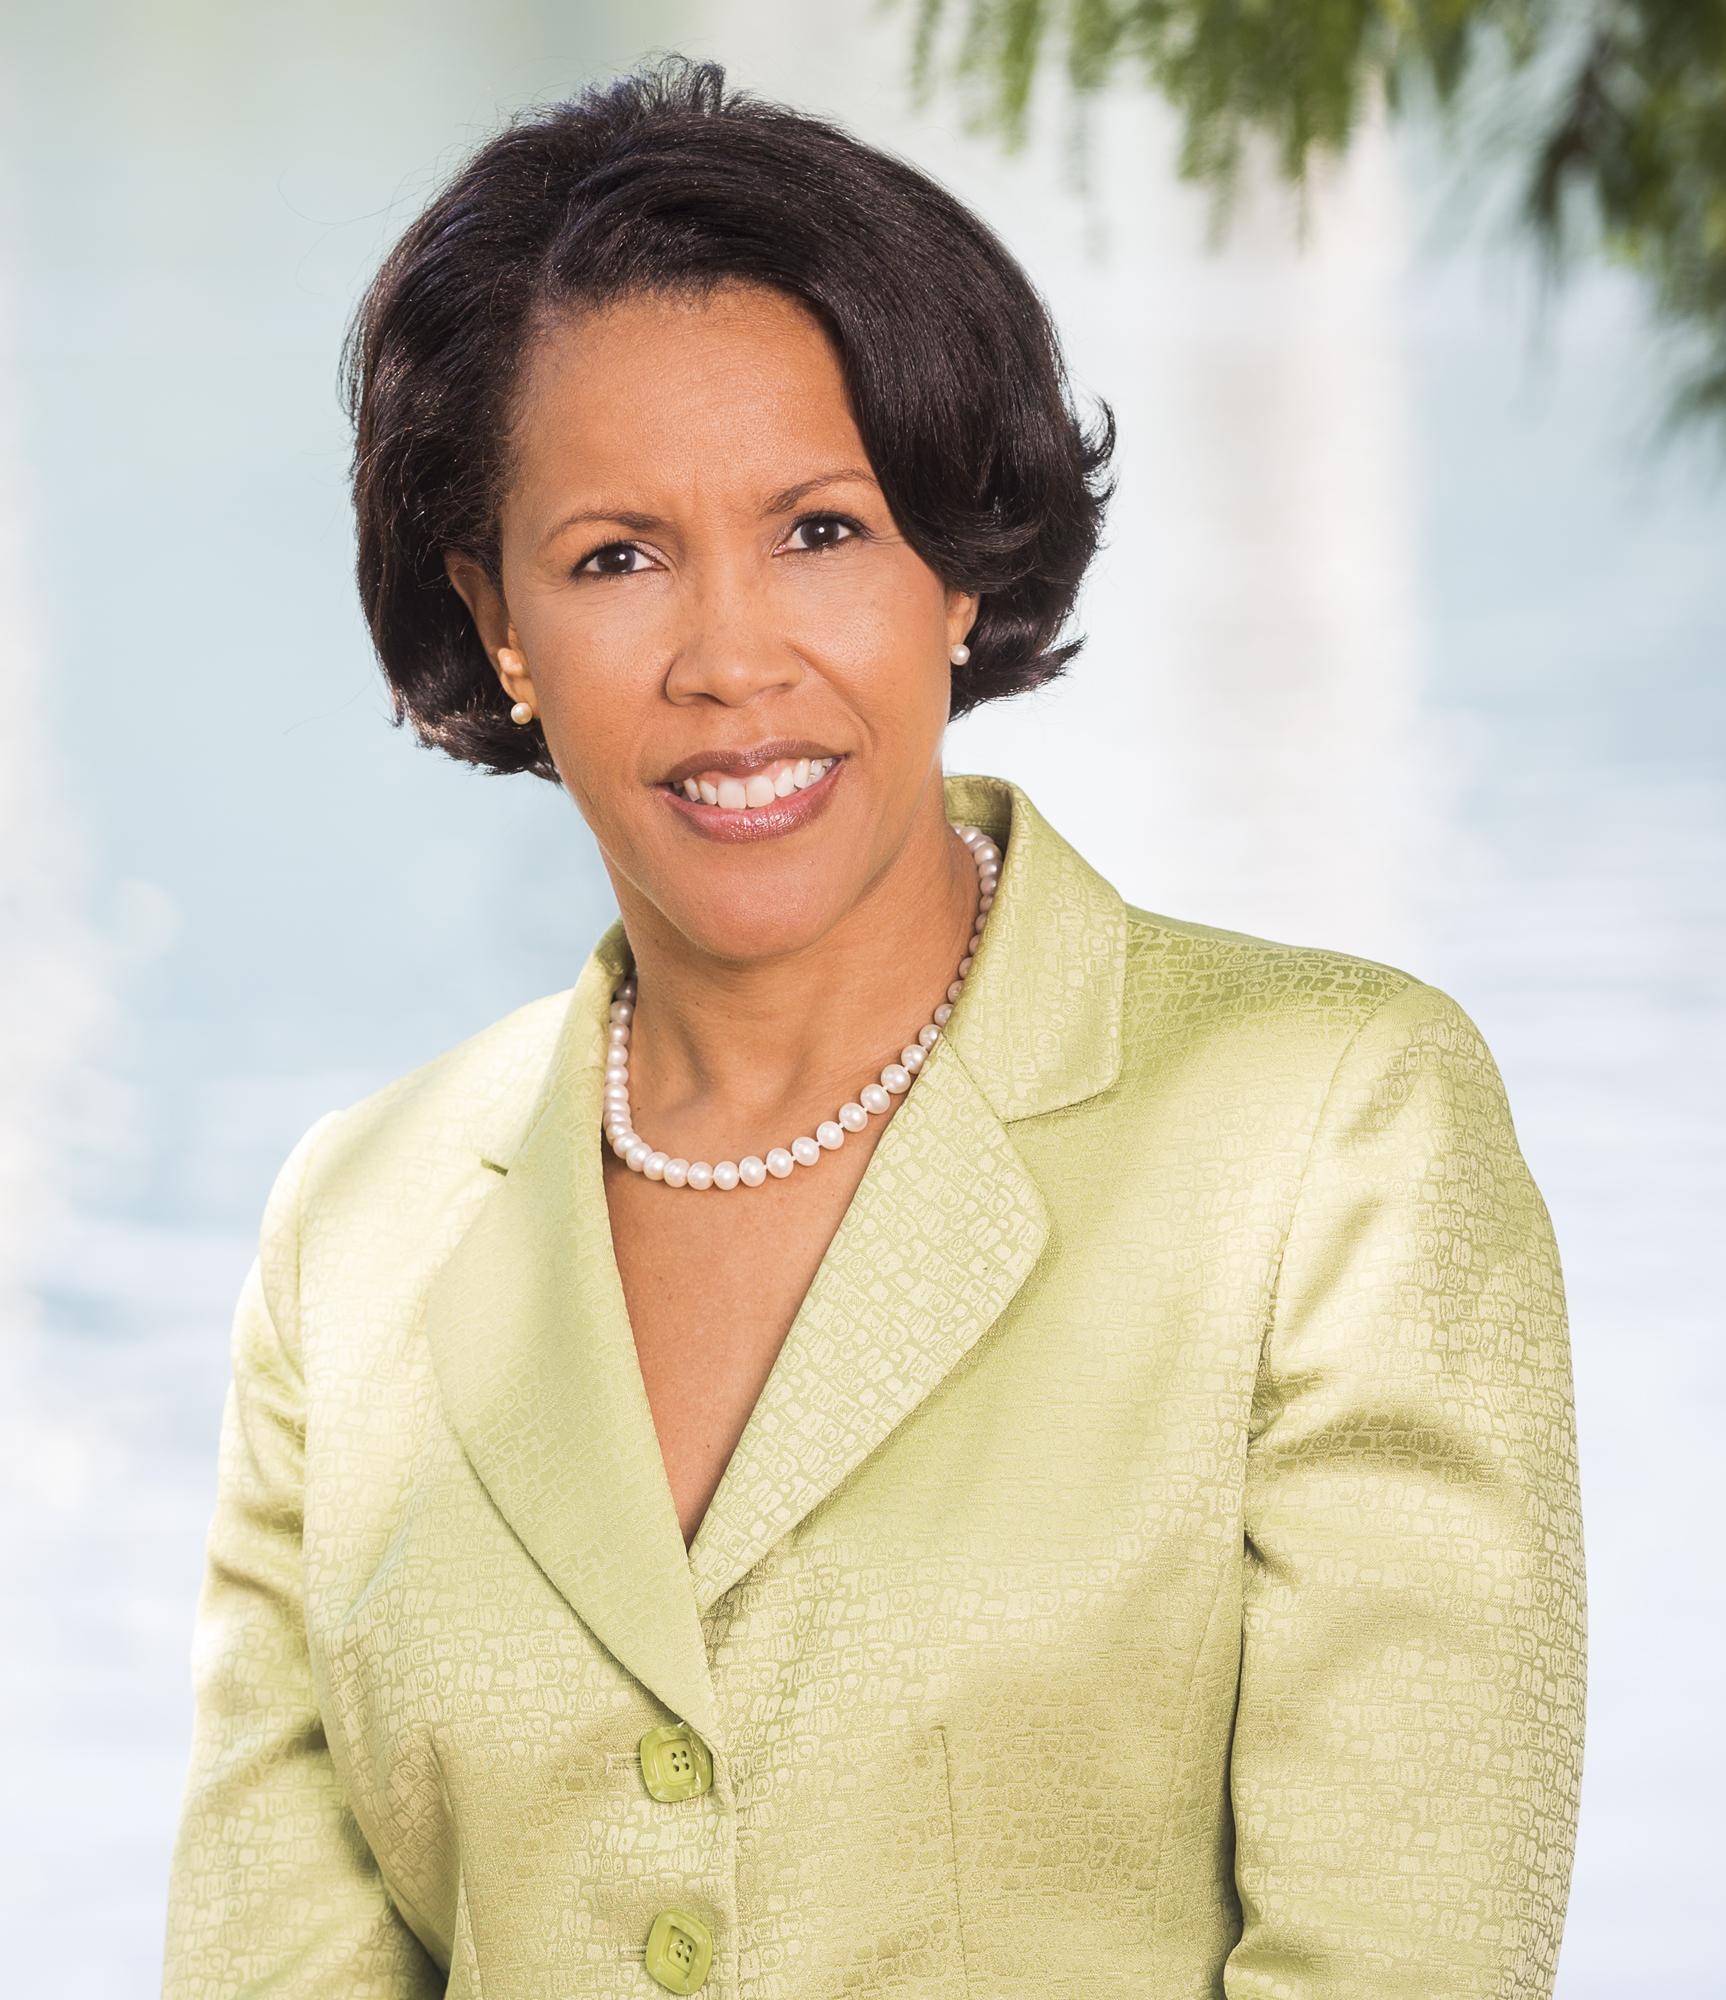 Dr. Barbara Jenkins